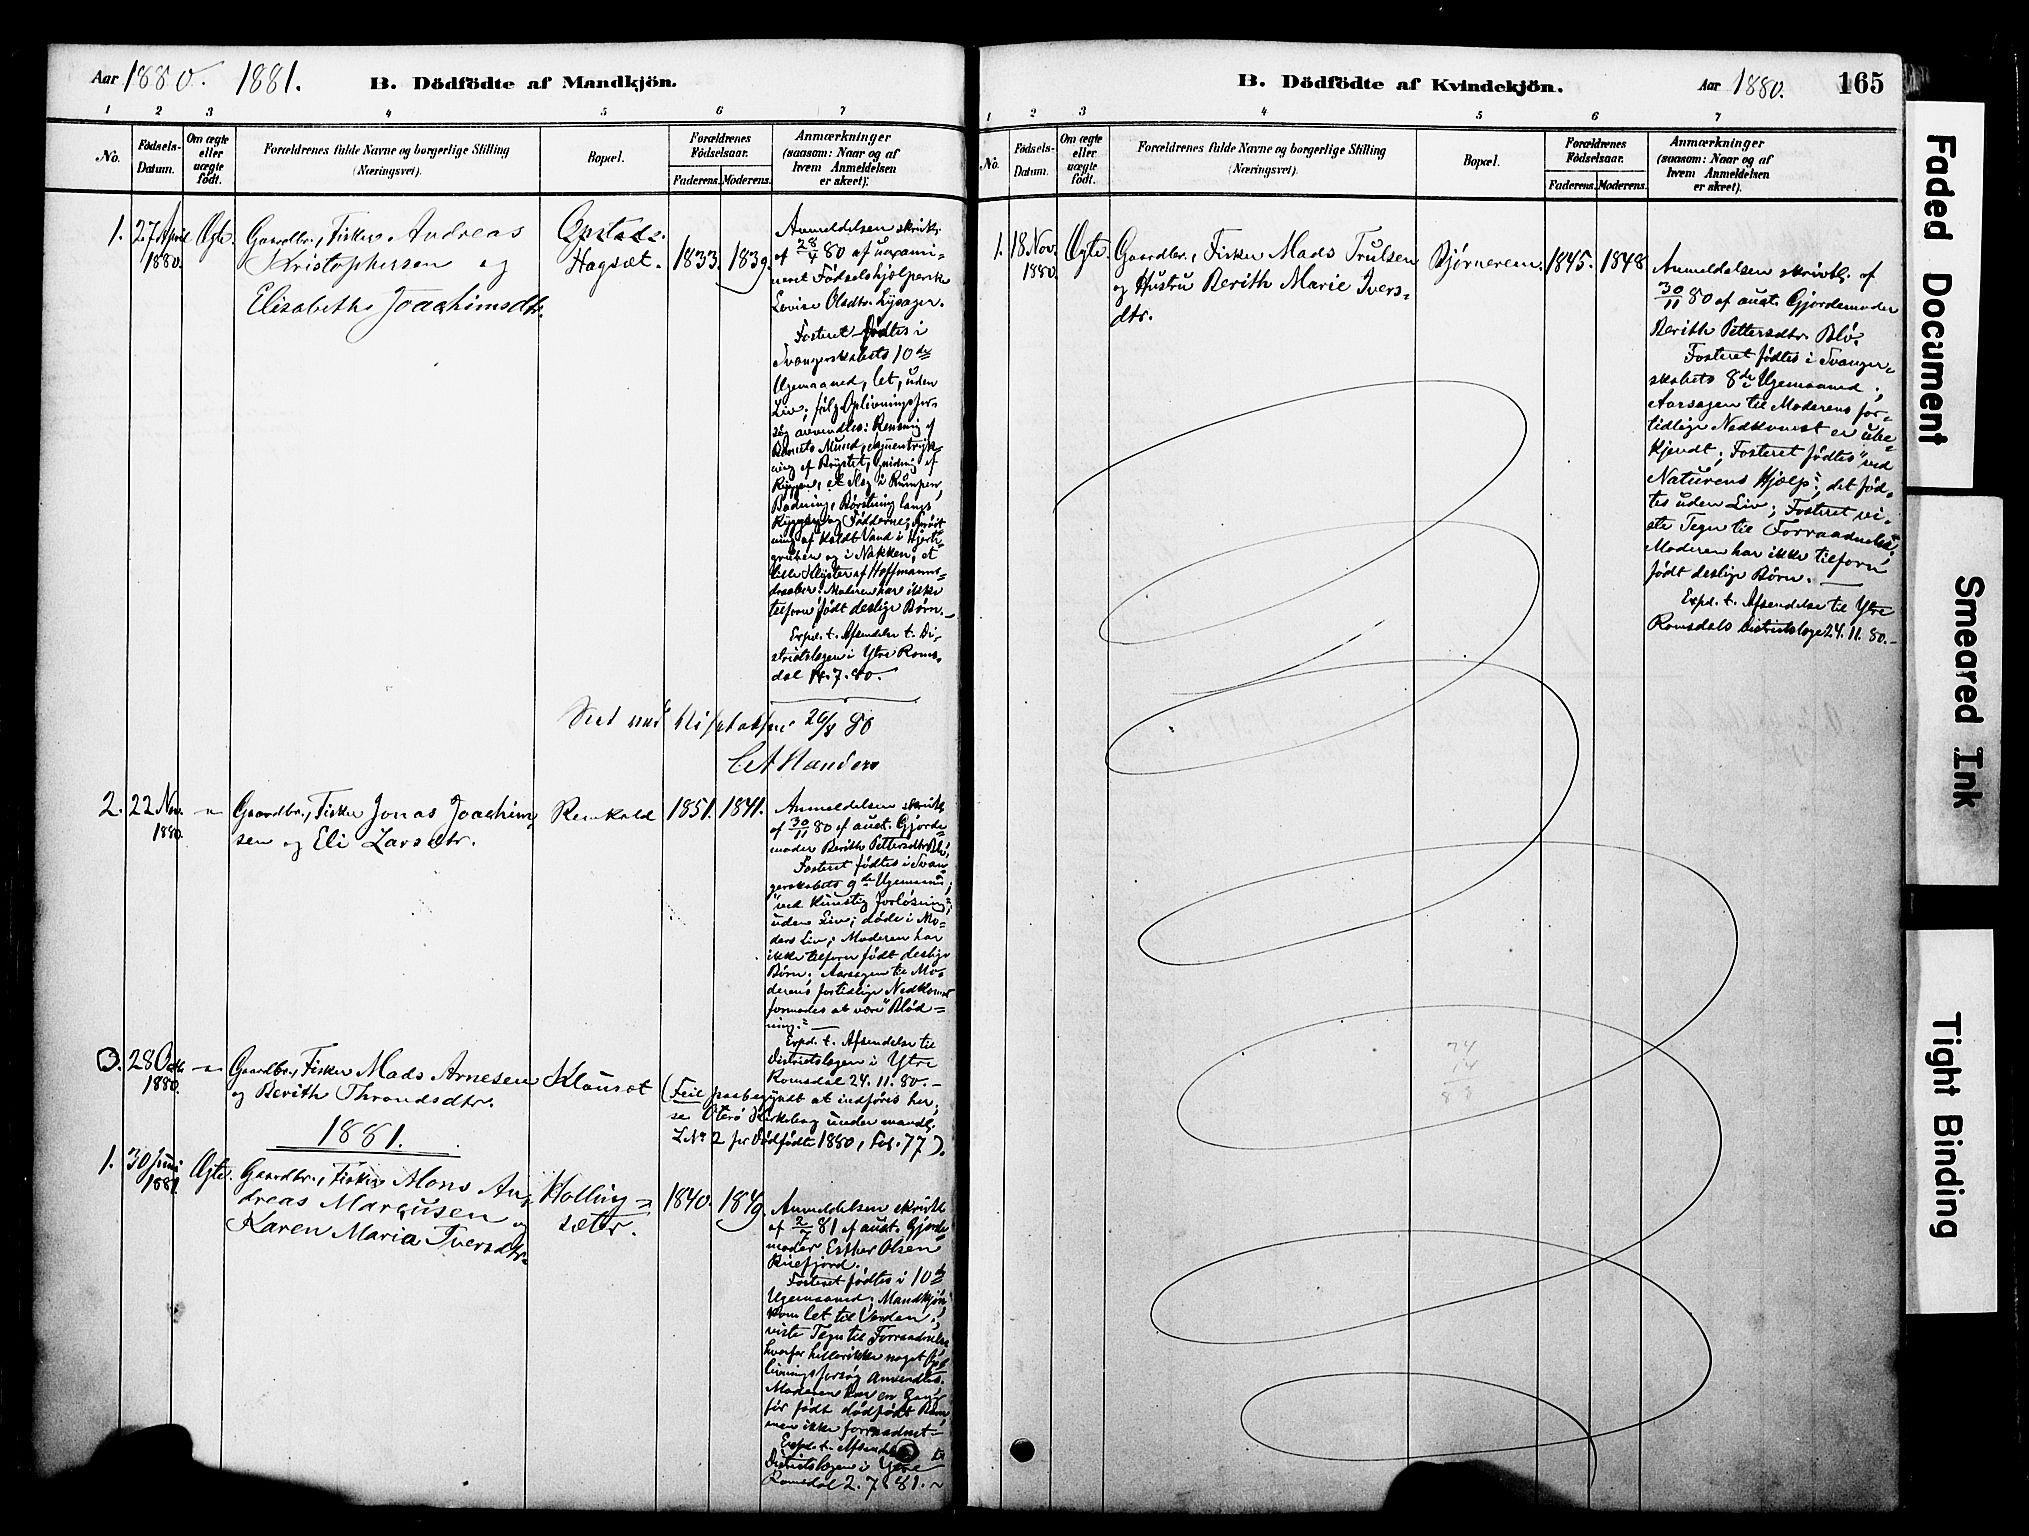 SAT, Ministerialprotokoller, klokkerbøker og fødselsregistre - Møre og Romsdal, 560/L0721: Ministerialbok nr. 560A05, 1878-1917, s. 165